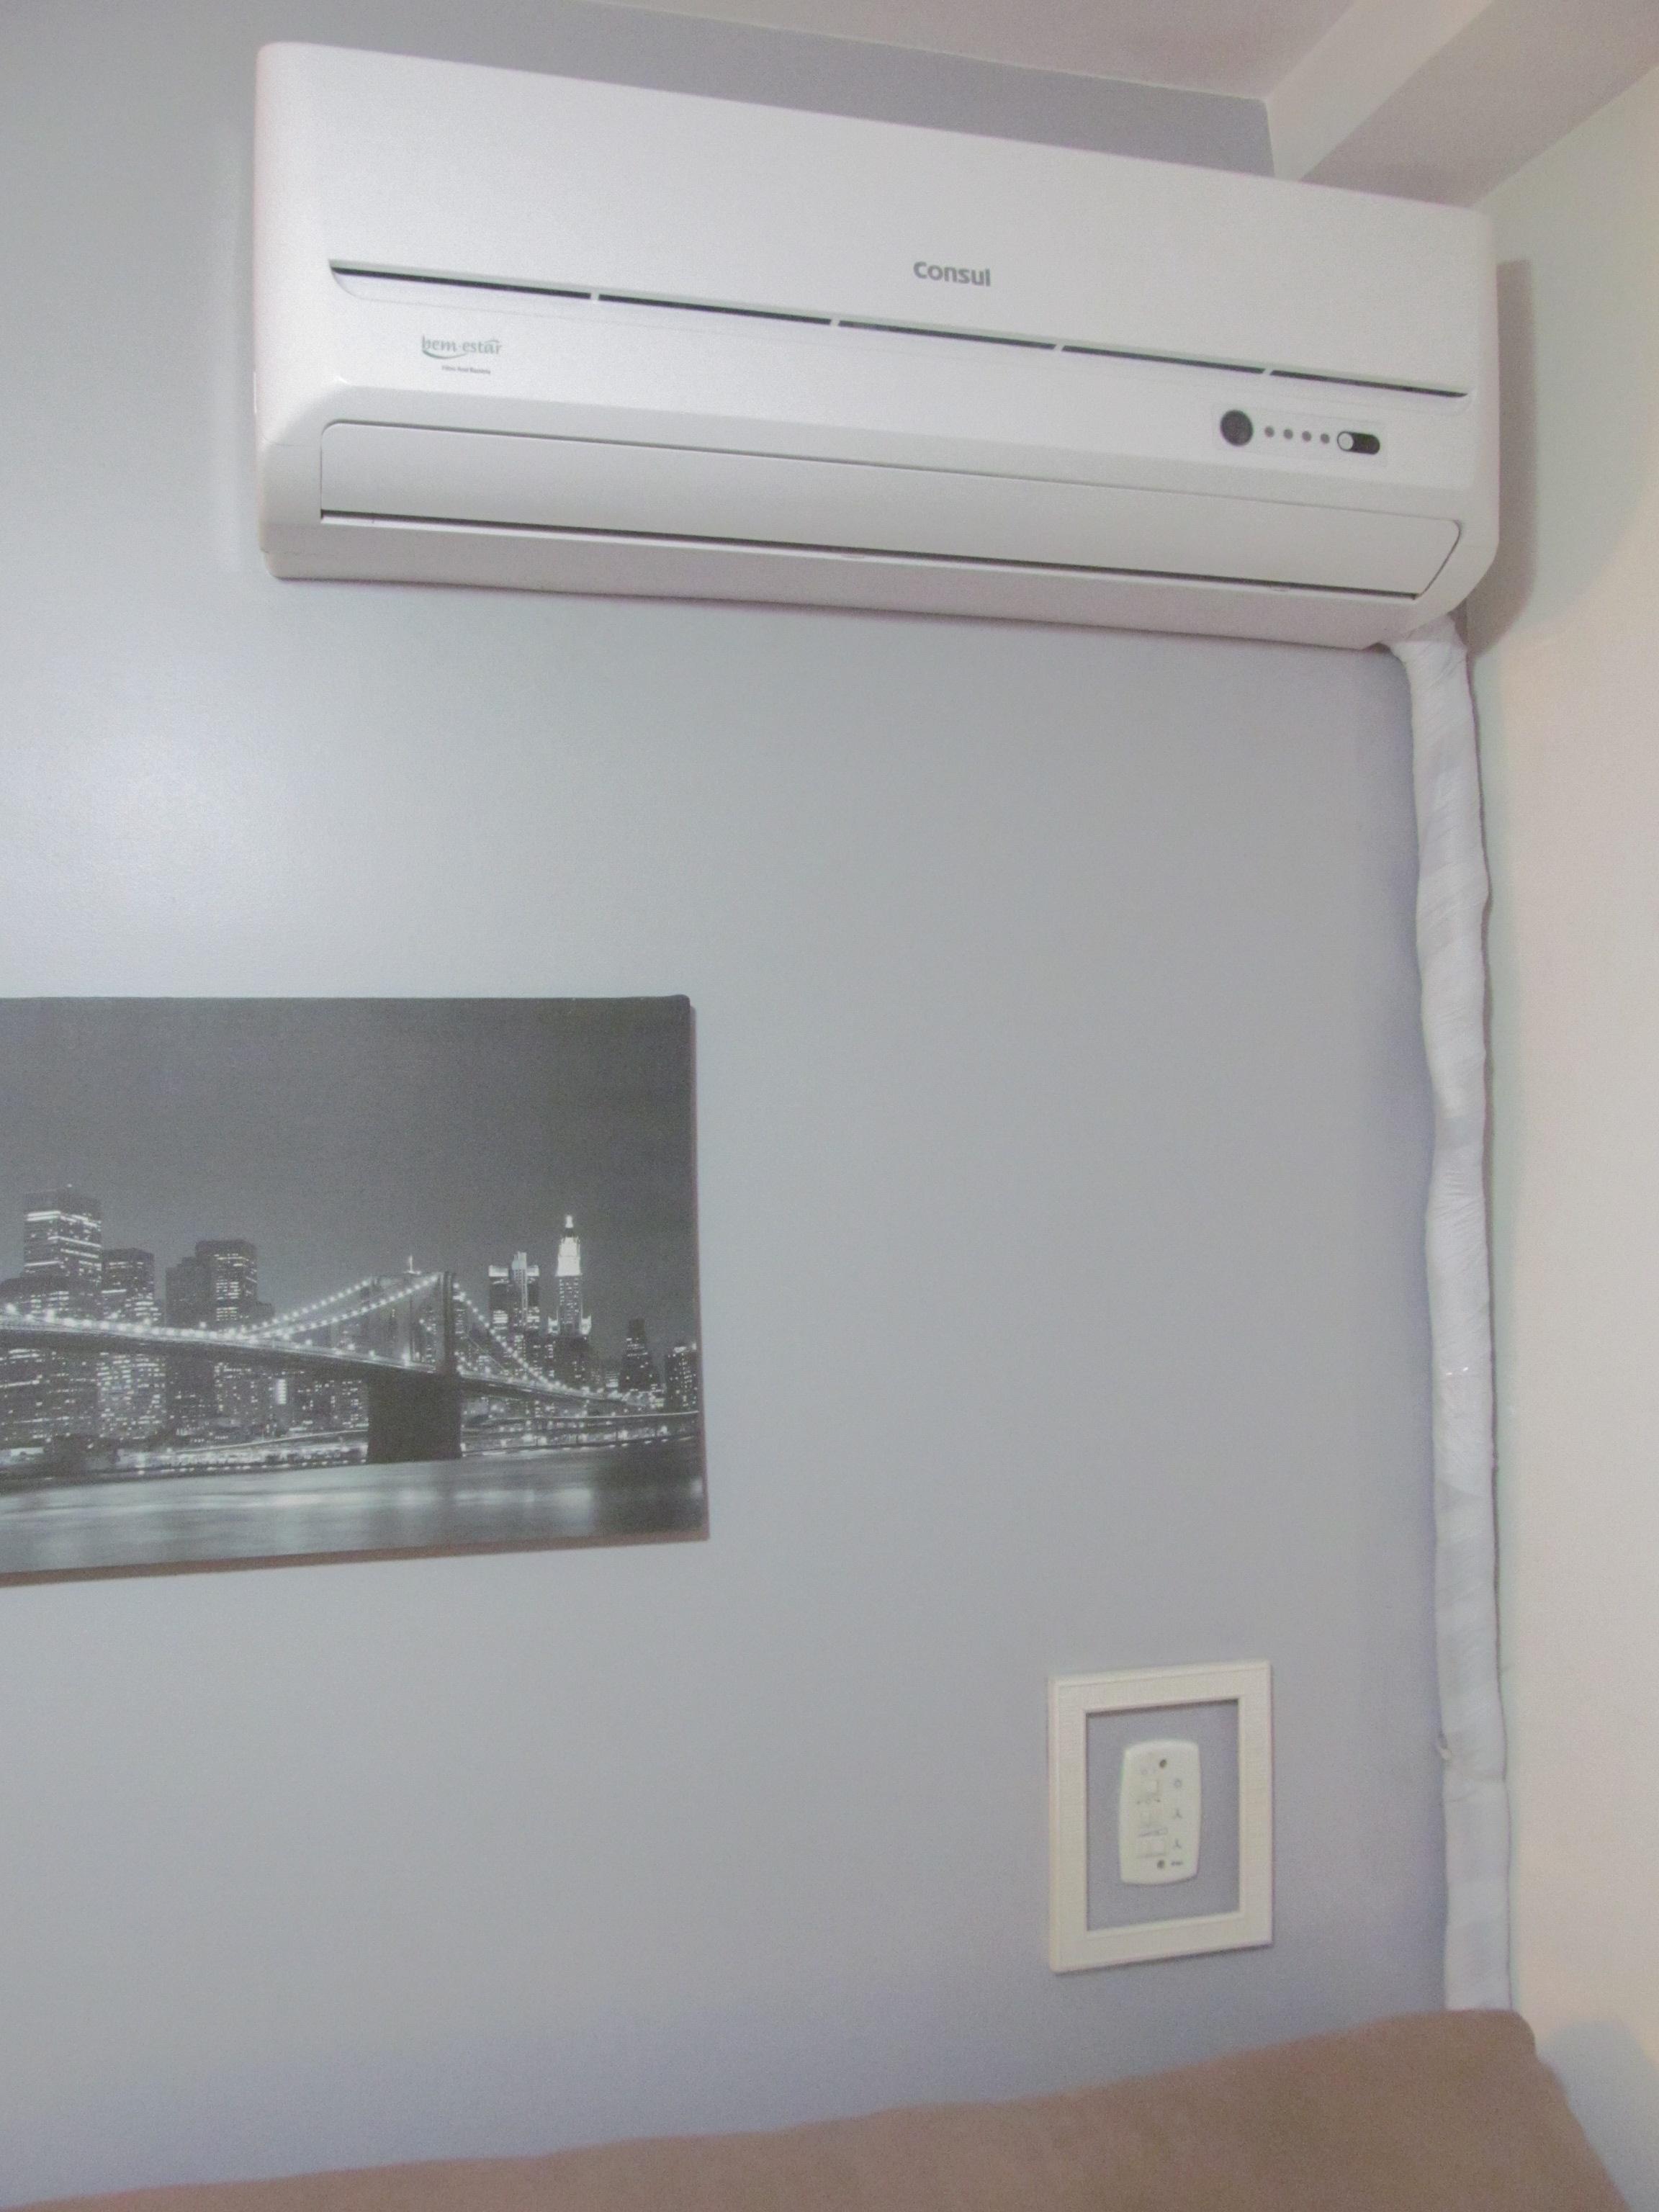 #675E54  ar condicionado na sala (sem quebra quebra!) a saga do apartamento 4212 Instalar Ar Condicionado Janela Apartamento